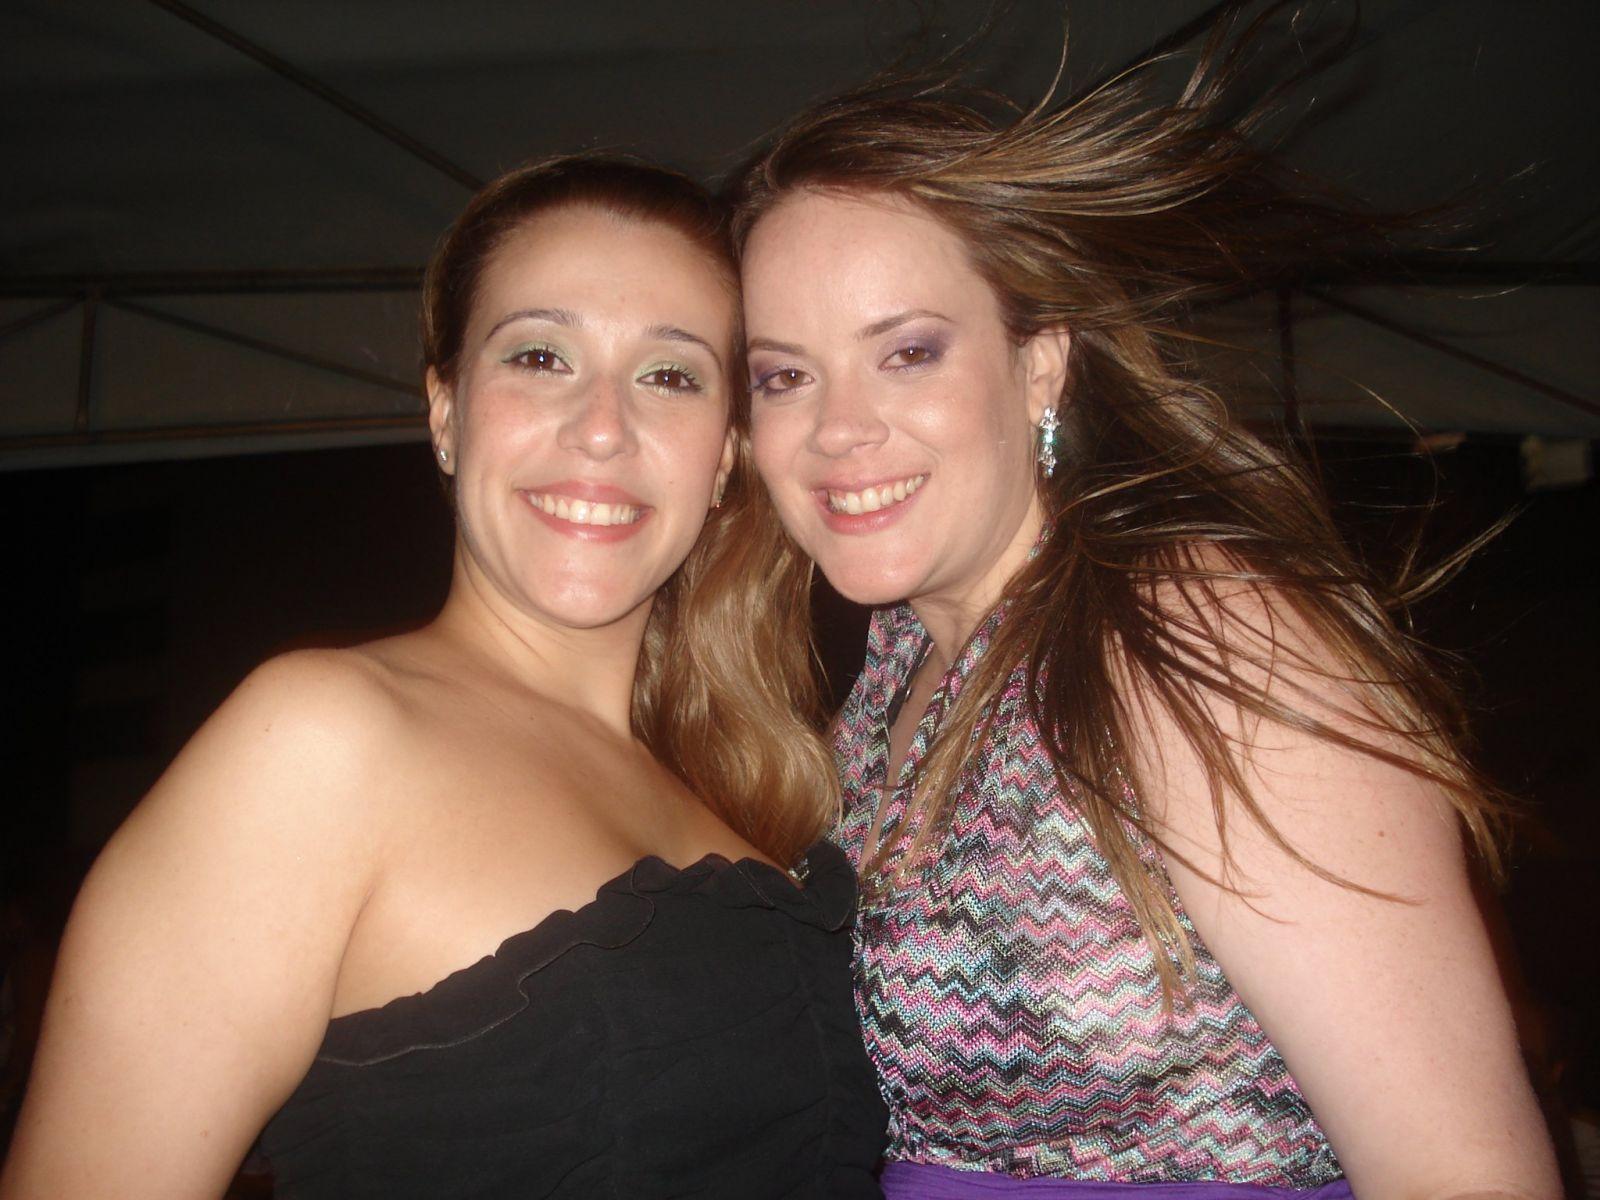 Eduarda Magalhães a de cabelos esvoaçantes é a aniversariante de hoje, na foto ela está com Mayse Guimarães